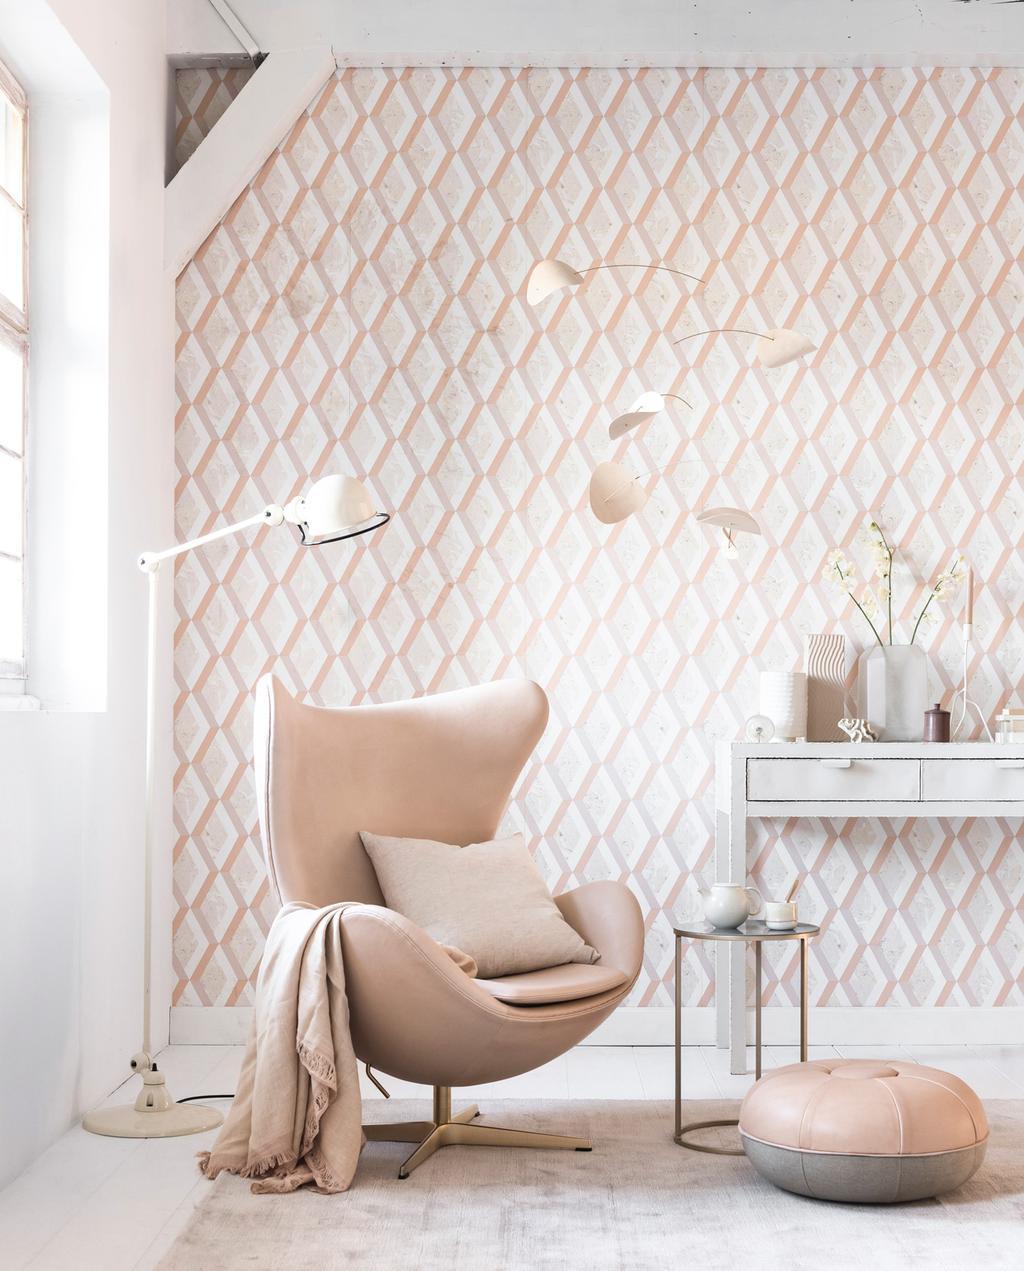 vtwonen 04-2018 | styling Danielle Verheul, fotografie Sjoerd Eickmans | pastel interieur